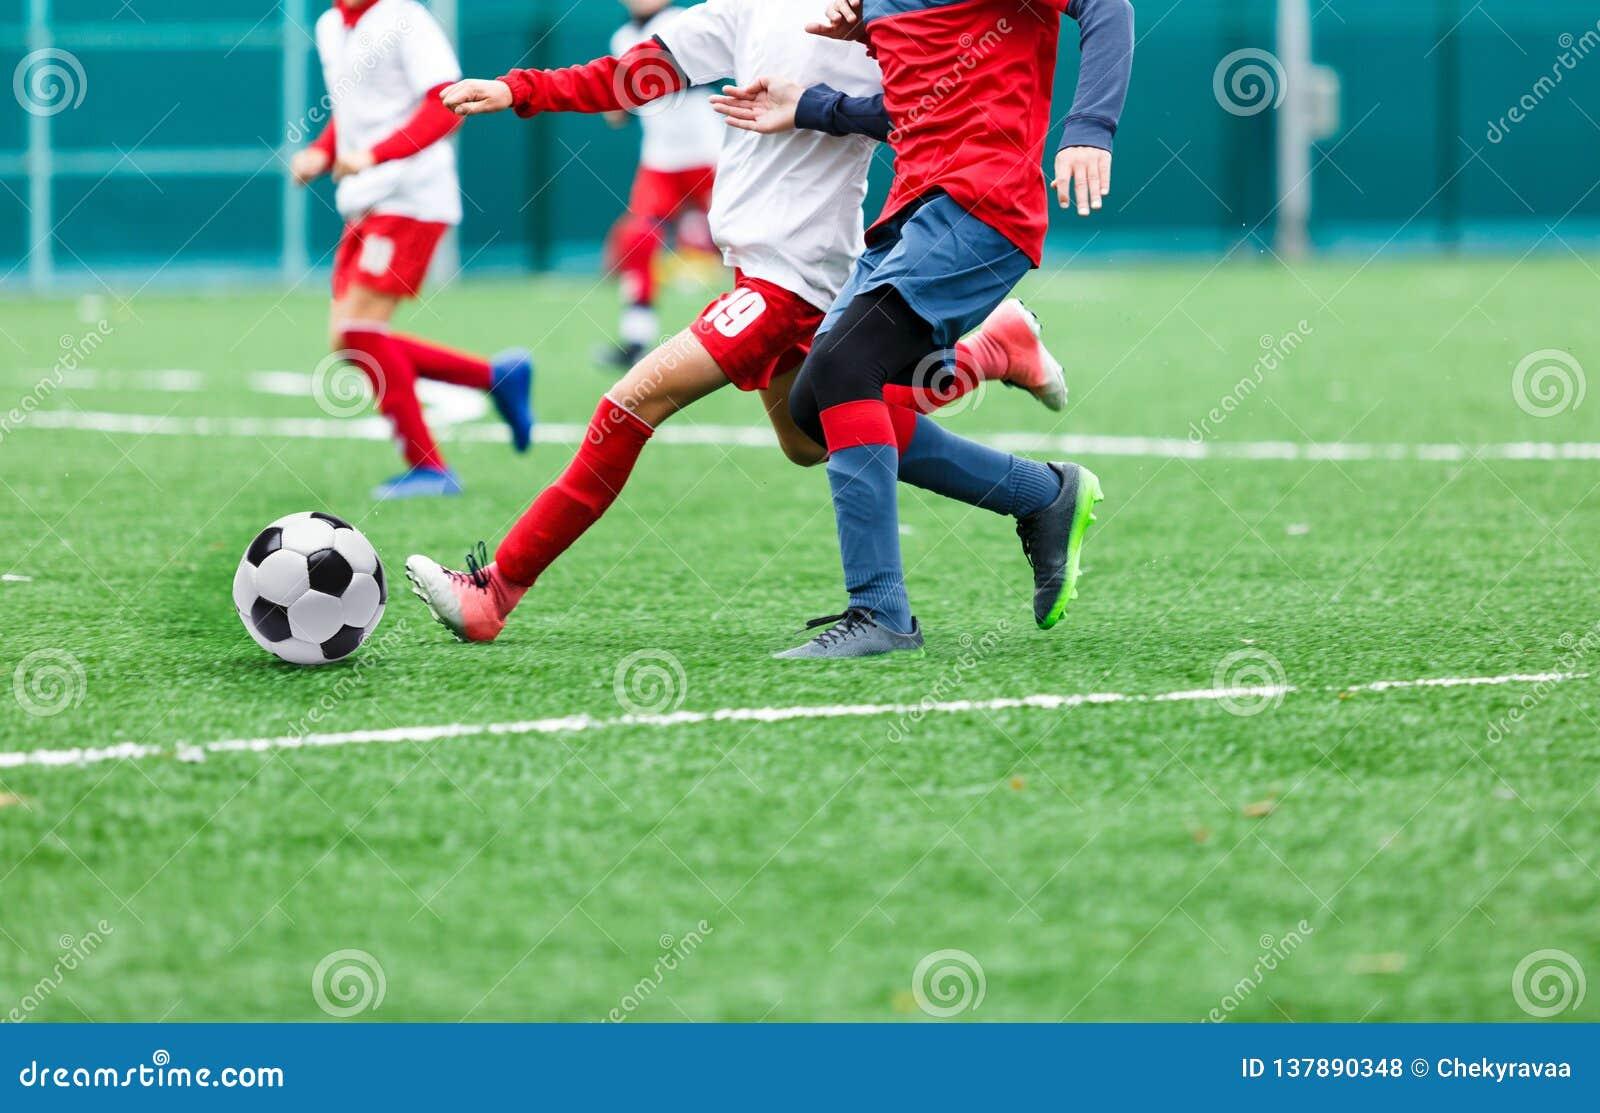 Os meninos no sportswear vermelho e branco jogam o futebol no campo de grama verde Jogo de futebol da juventude Competição de esp